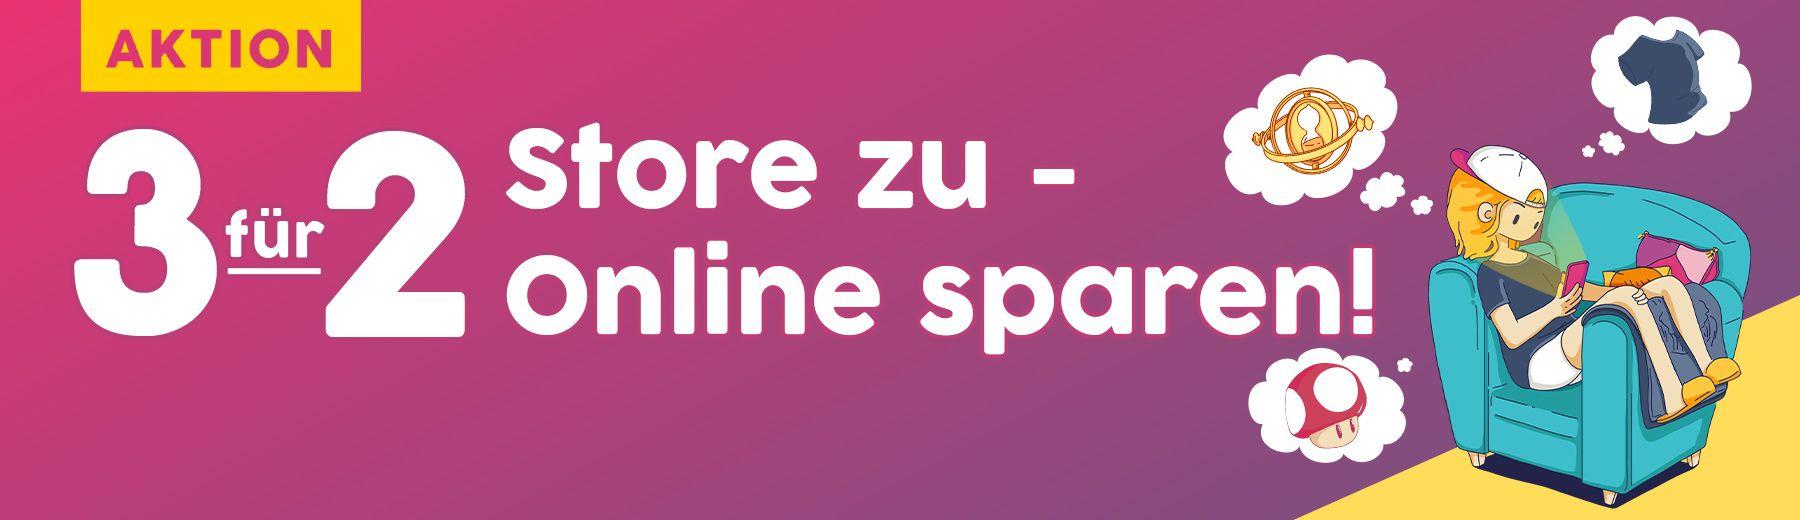 ELBENWALD® 3 für 2 - Online sparen! [30% Rabatt auf Gutscheine]